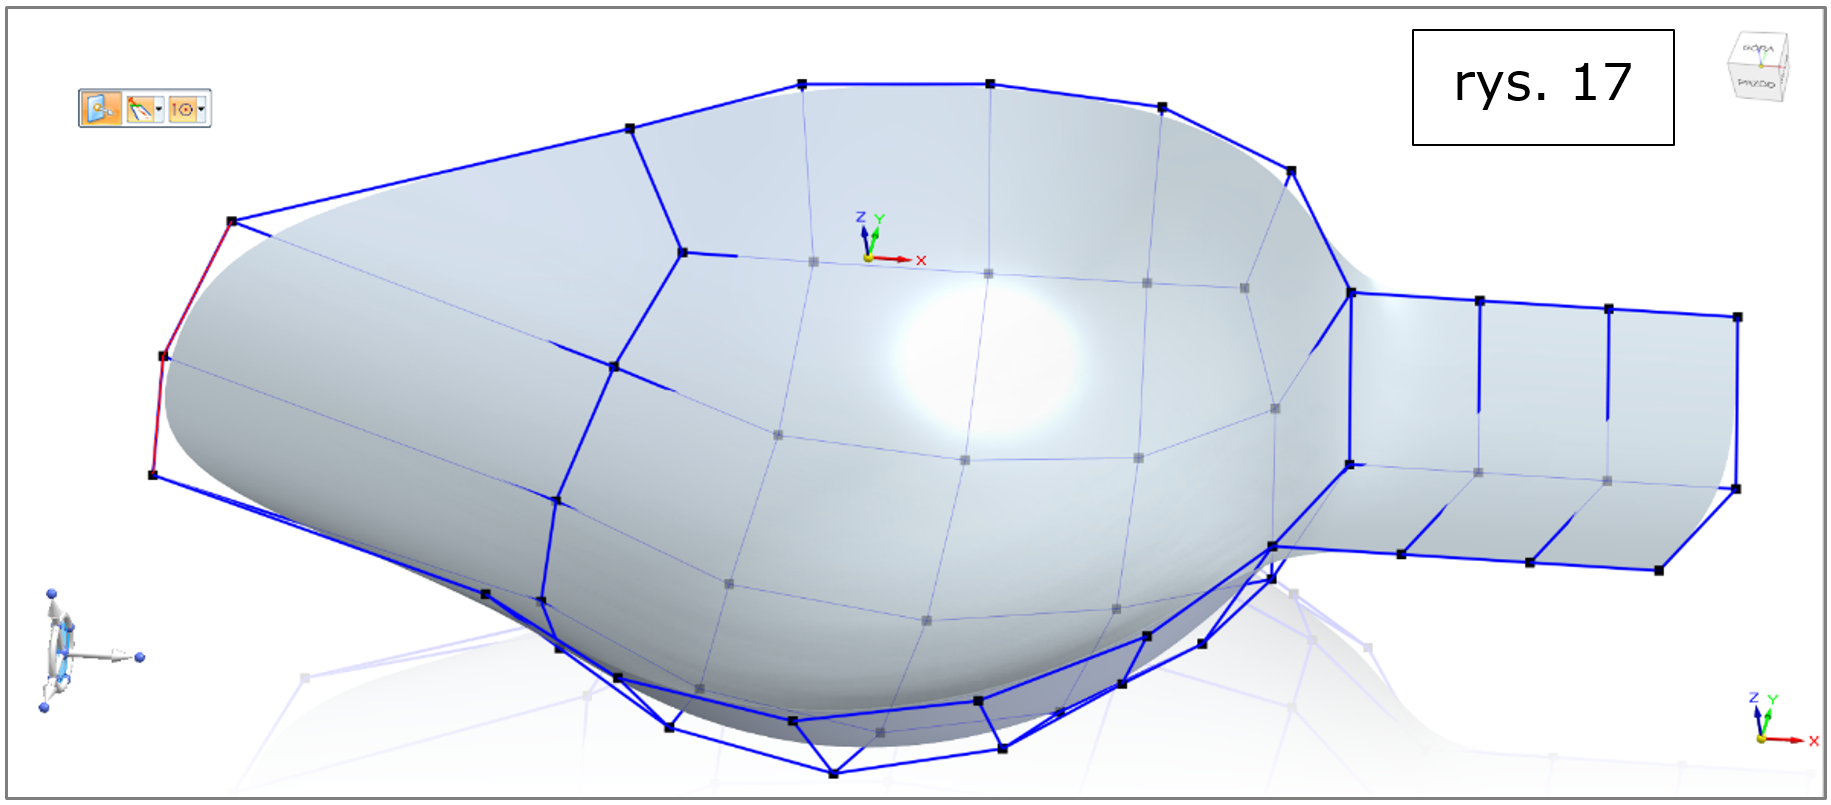 subdivision modeling, krawędzie otrwarte, podnieś - utrzymuj Solid Edge 2022